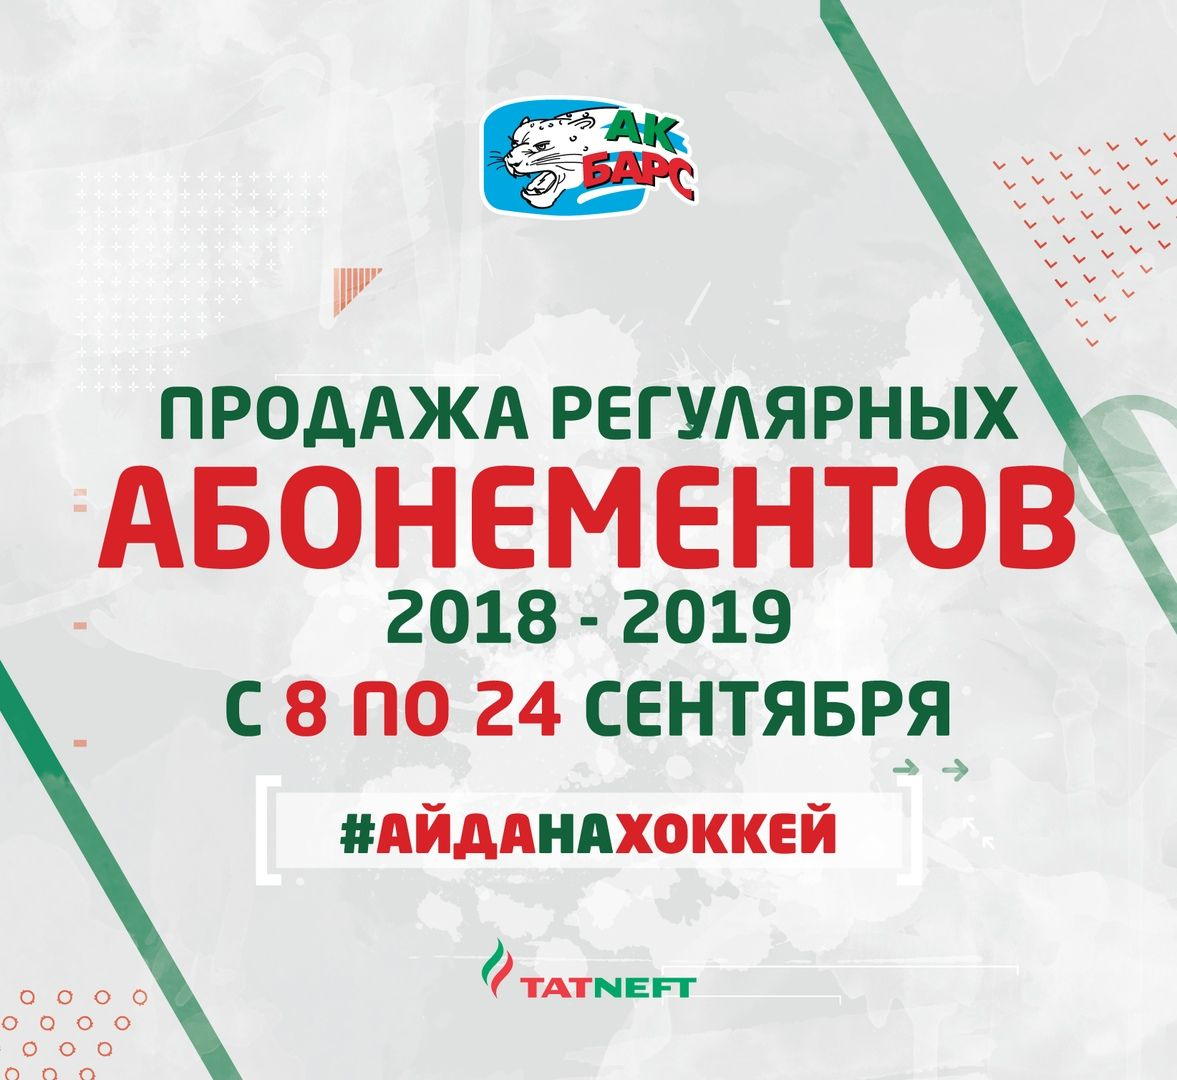 Абонементы на сезон 2018/19 снова в продаже! 09.09.2018